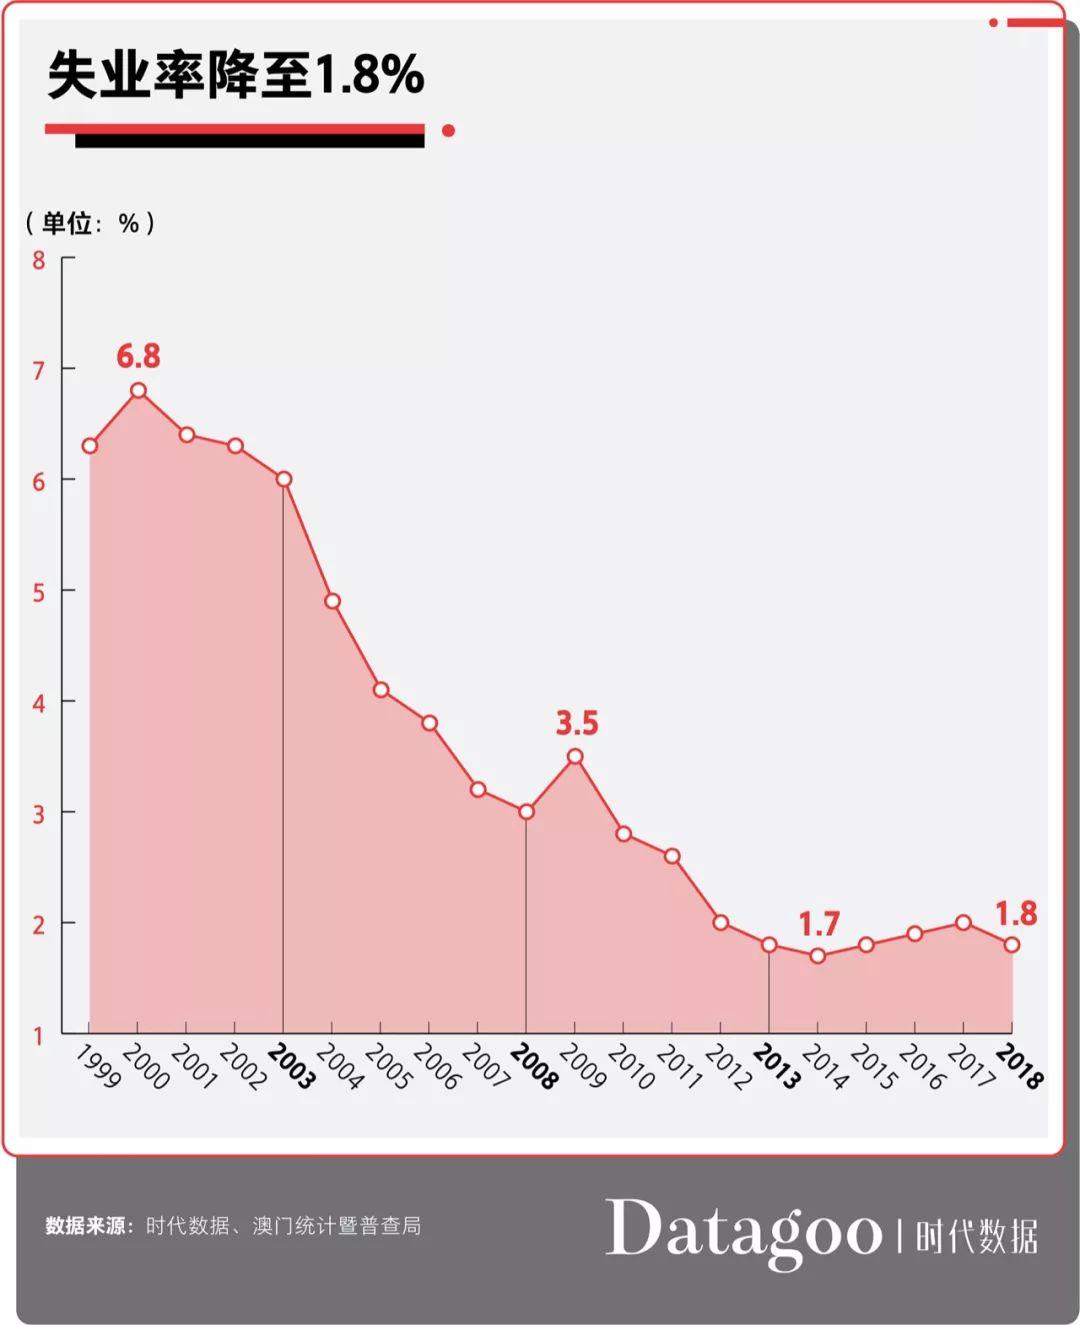 世界各城市人均gdp_世界各大区人均gdp